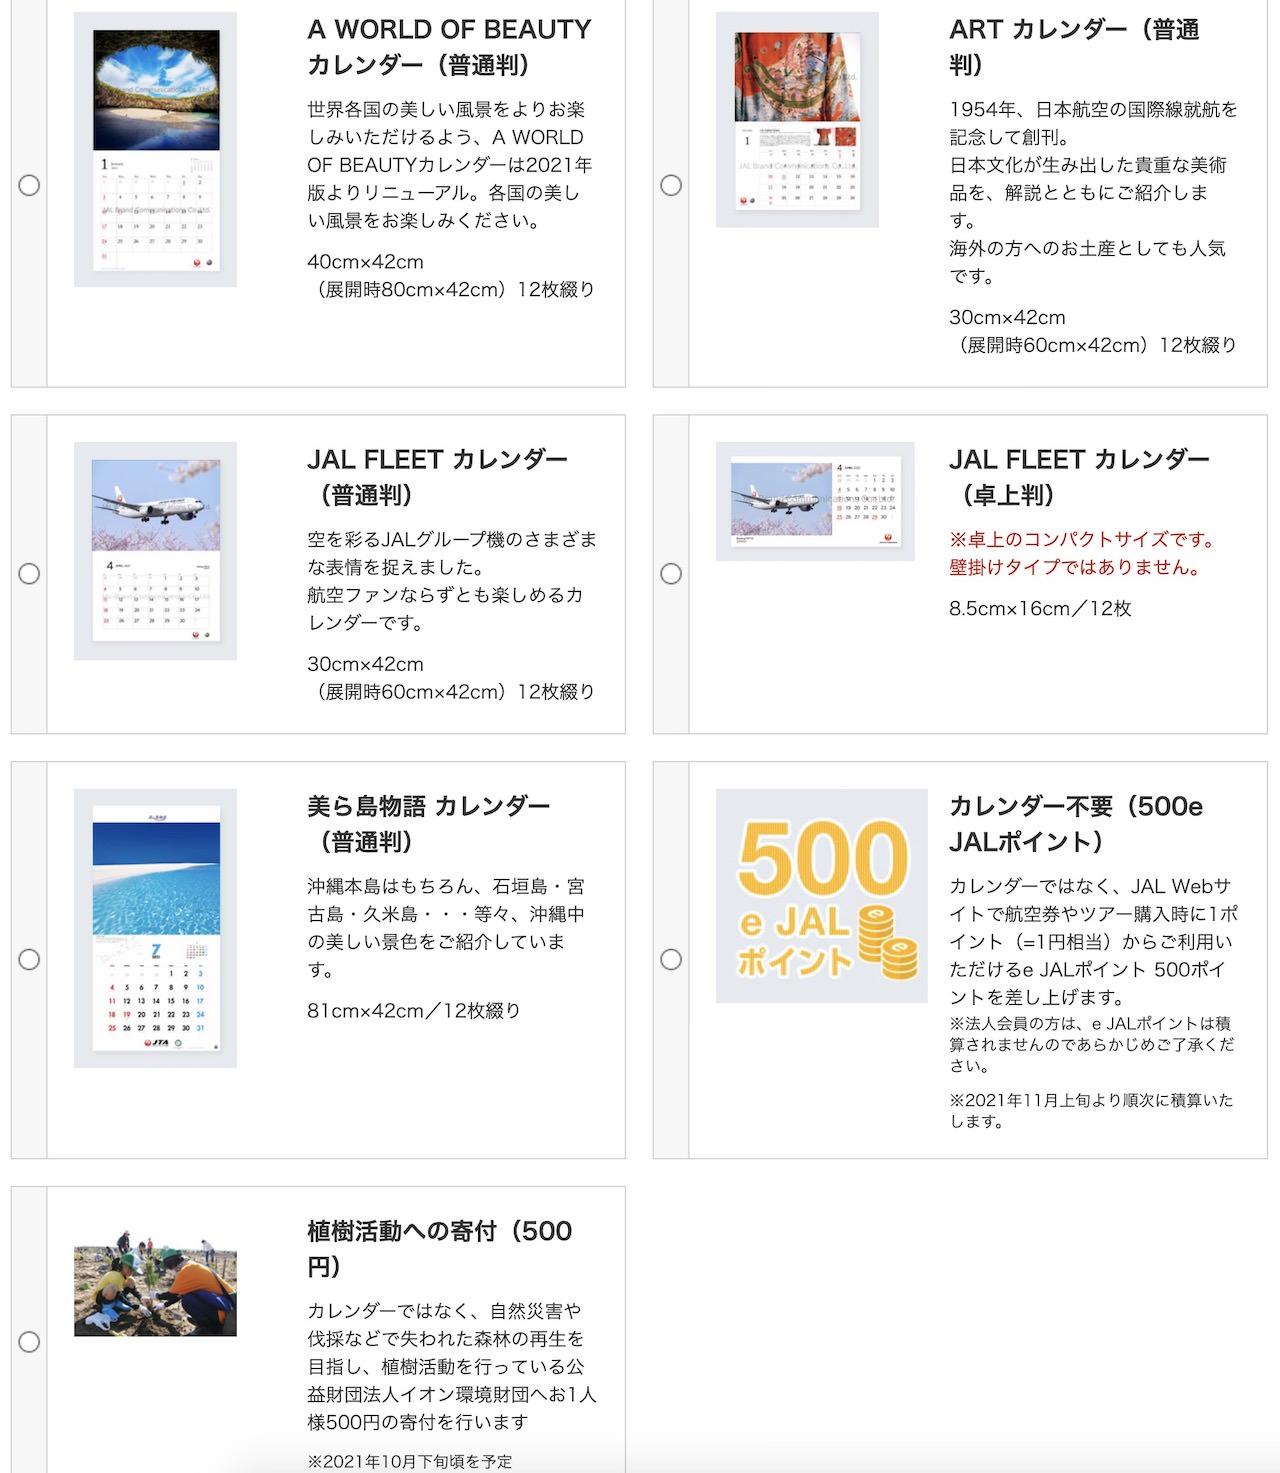 JAL カレンダー 2022